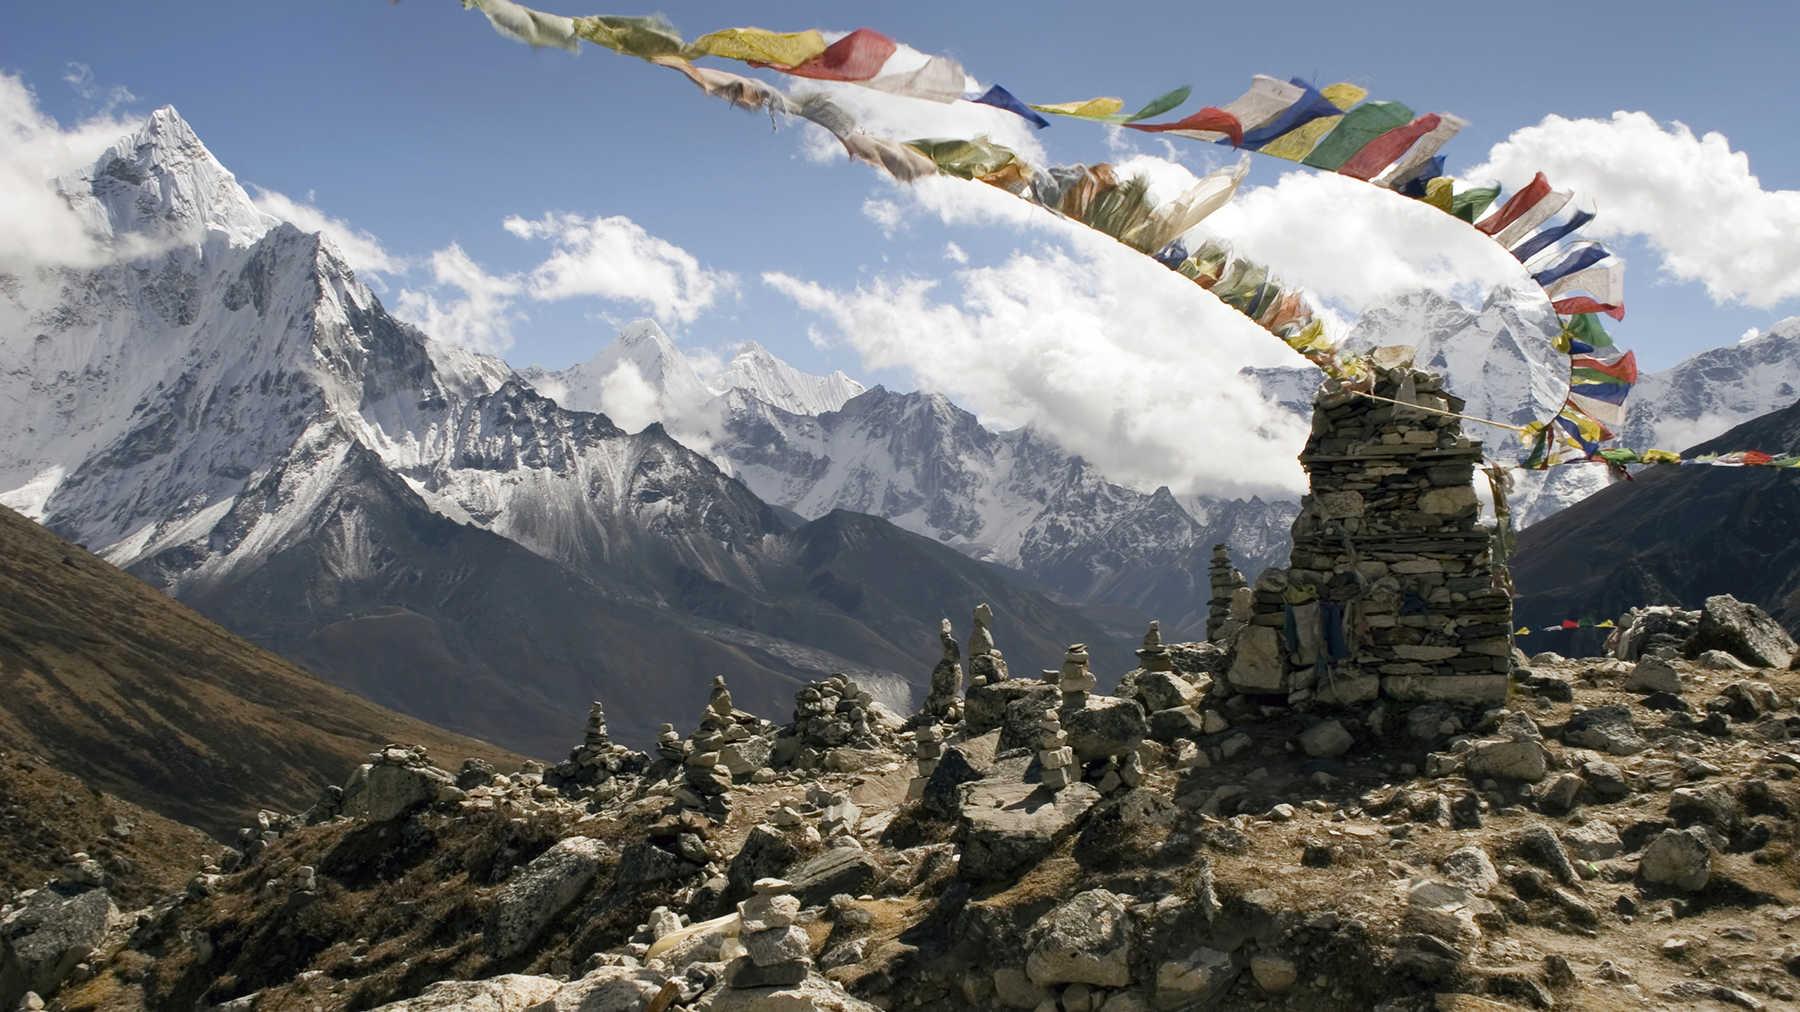 Trekking Langtang Himalayas, Nepal